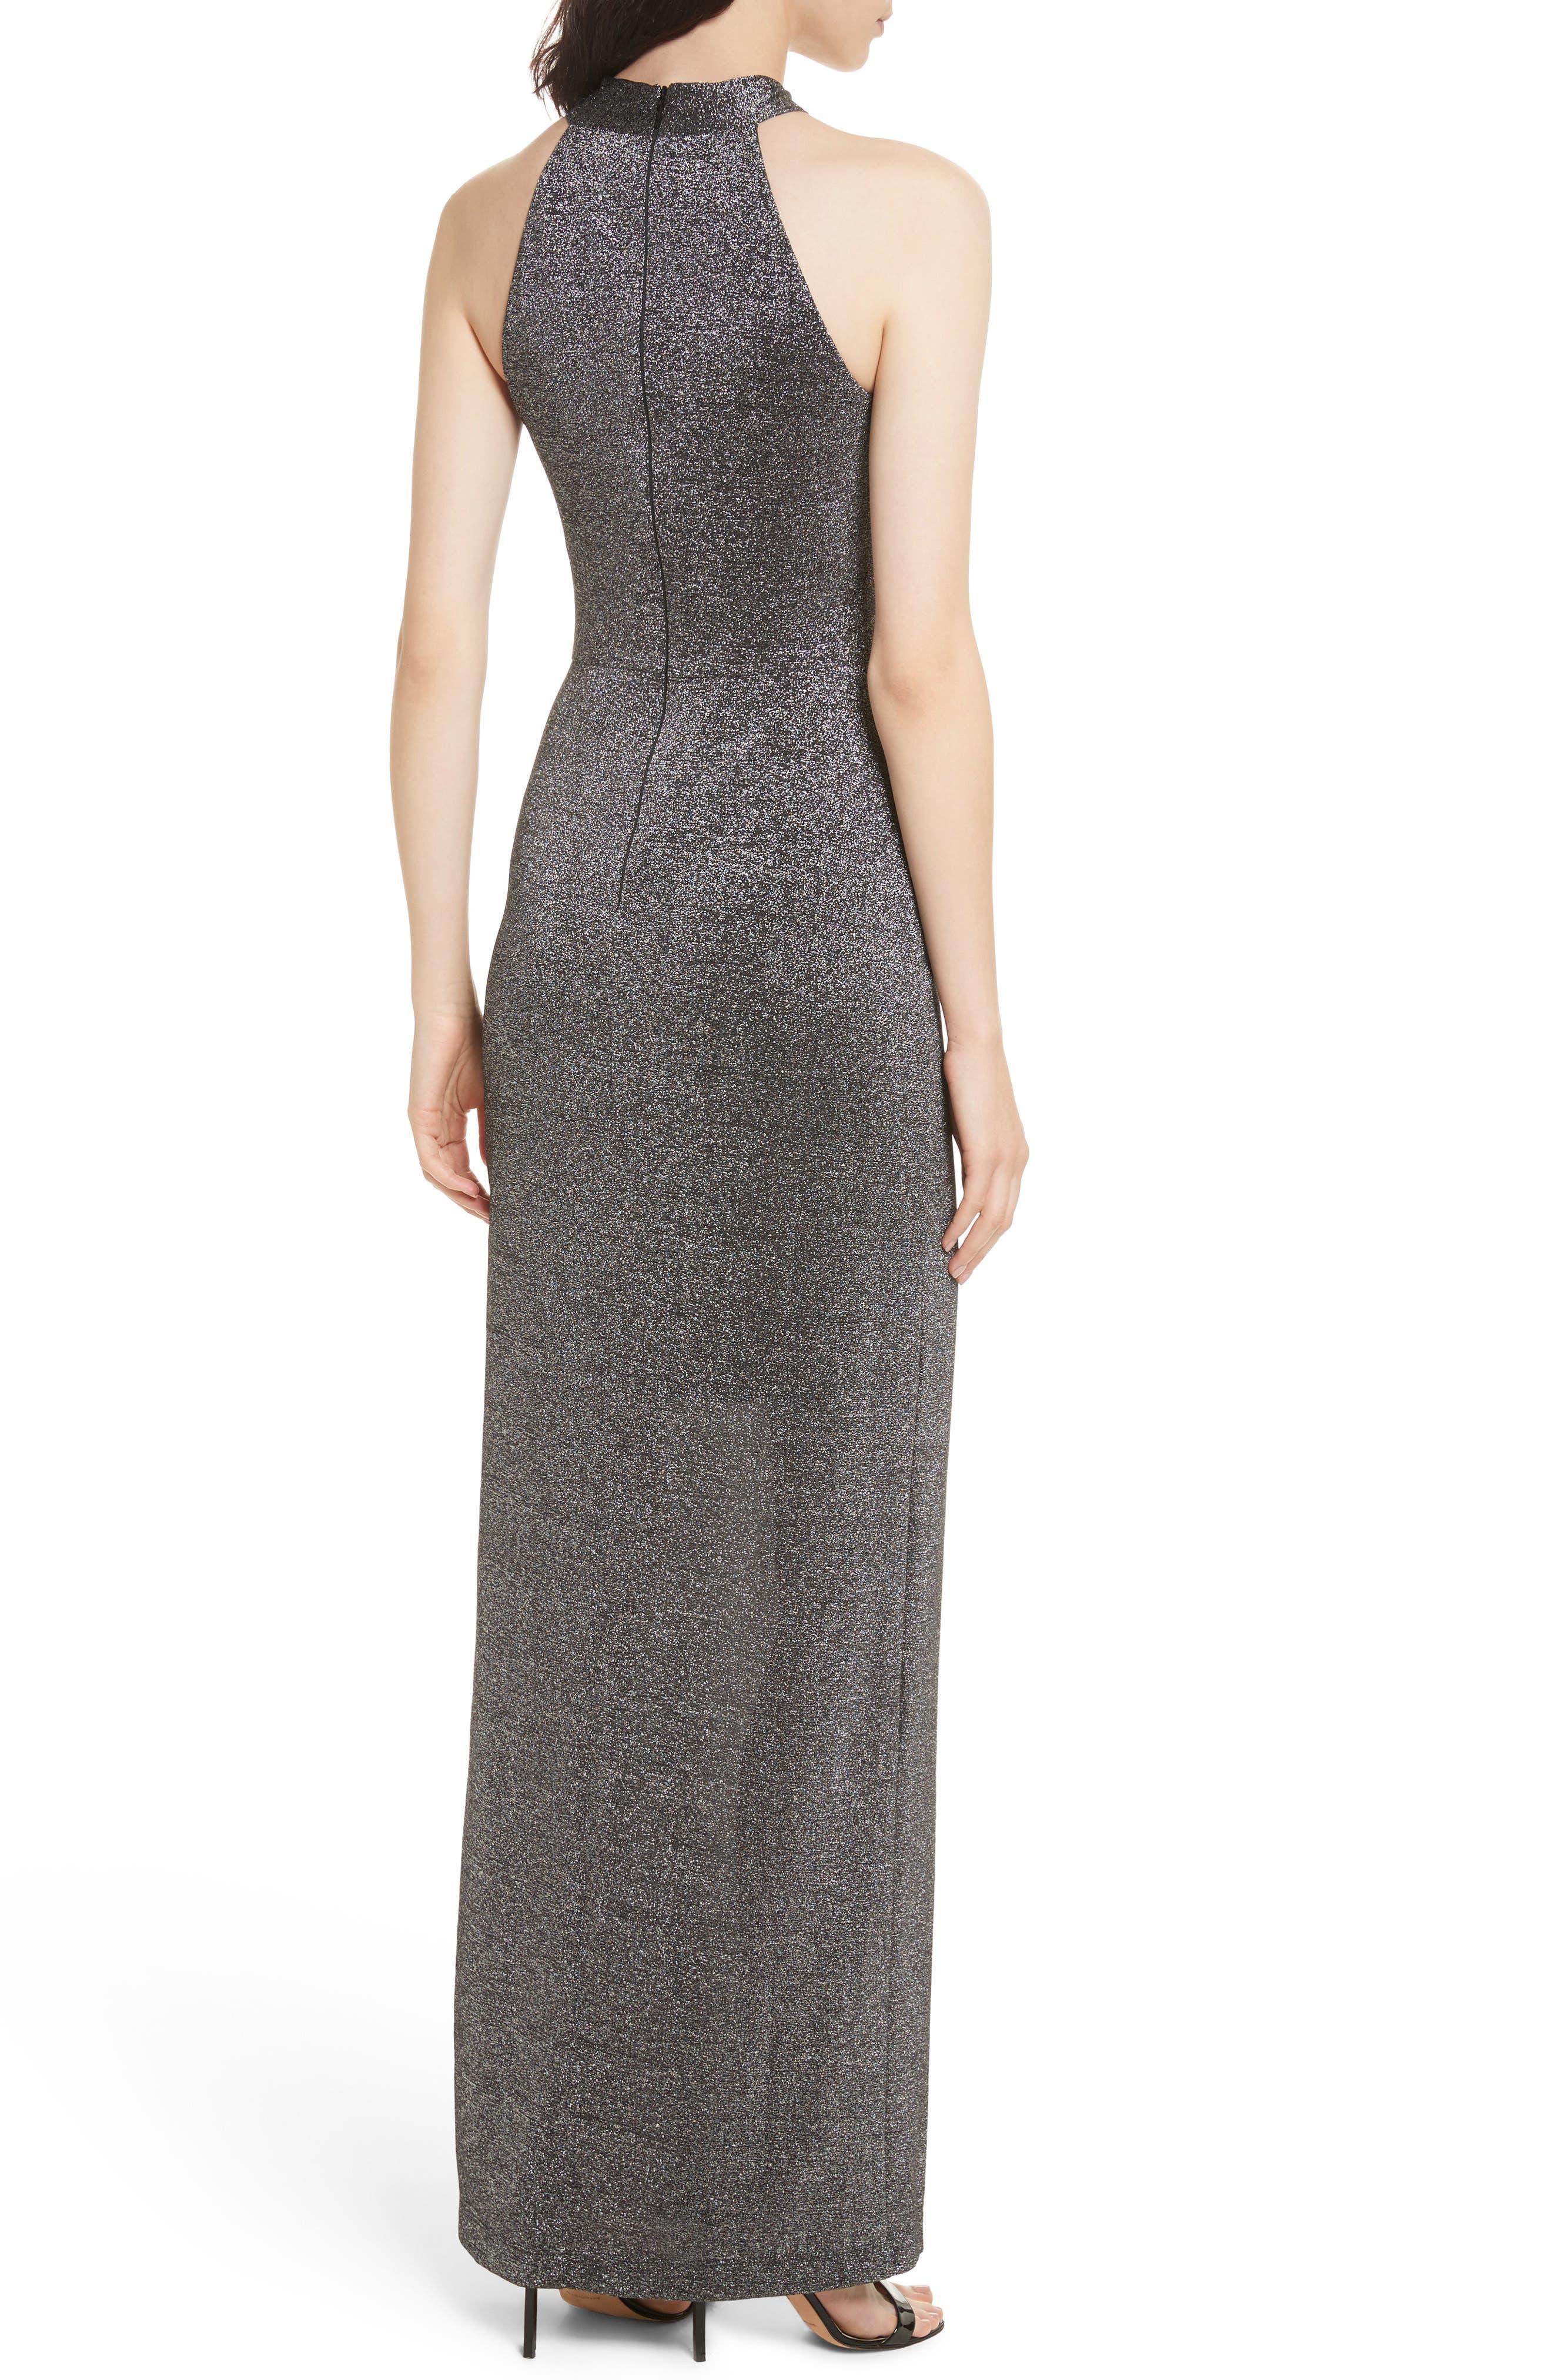 Metallic Knit Maxi Dress,                             Alternate thumbnail 2, color,                             Black